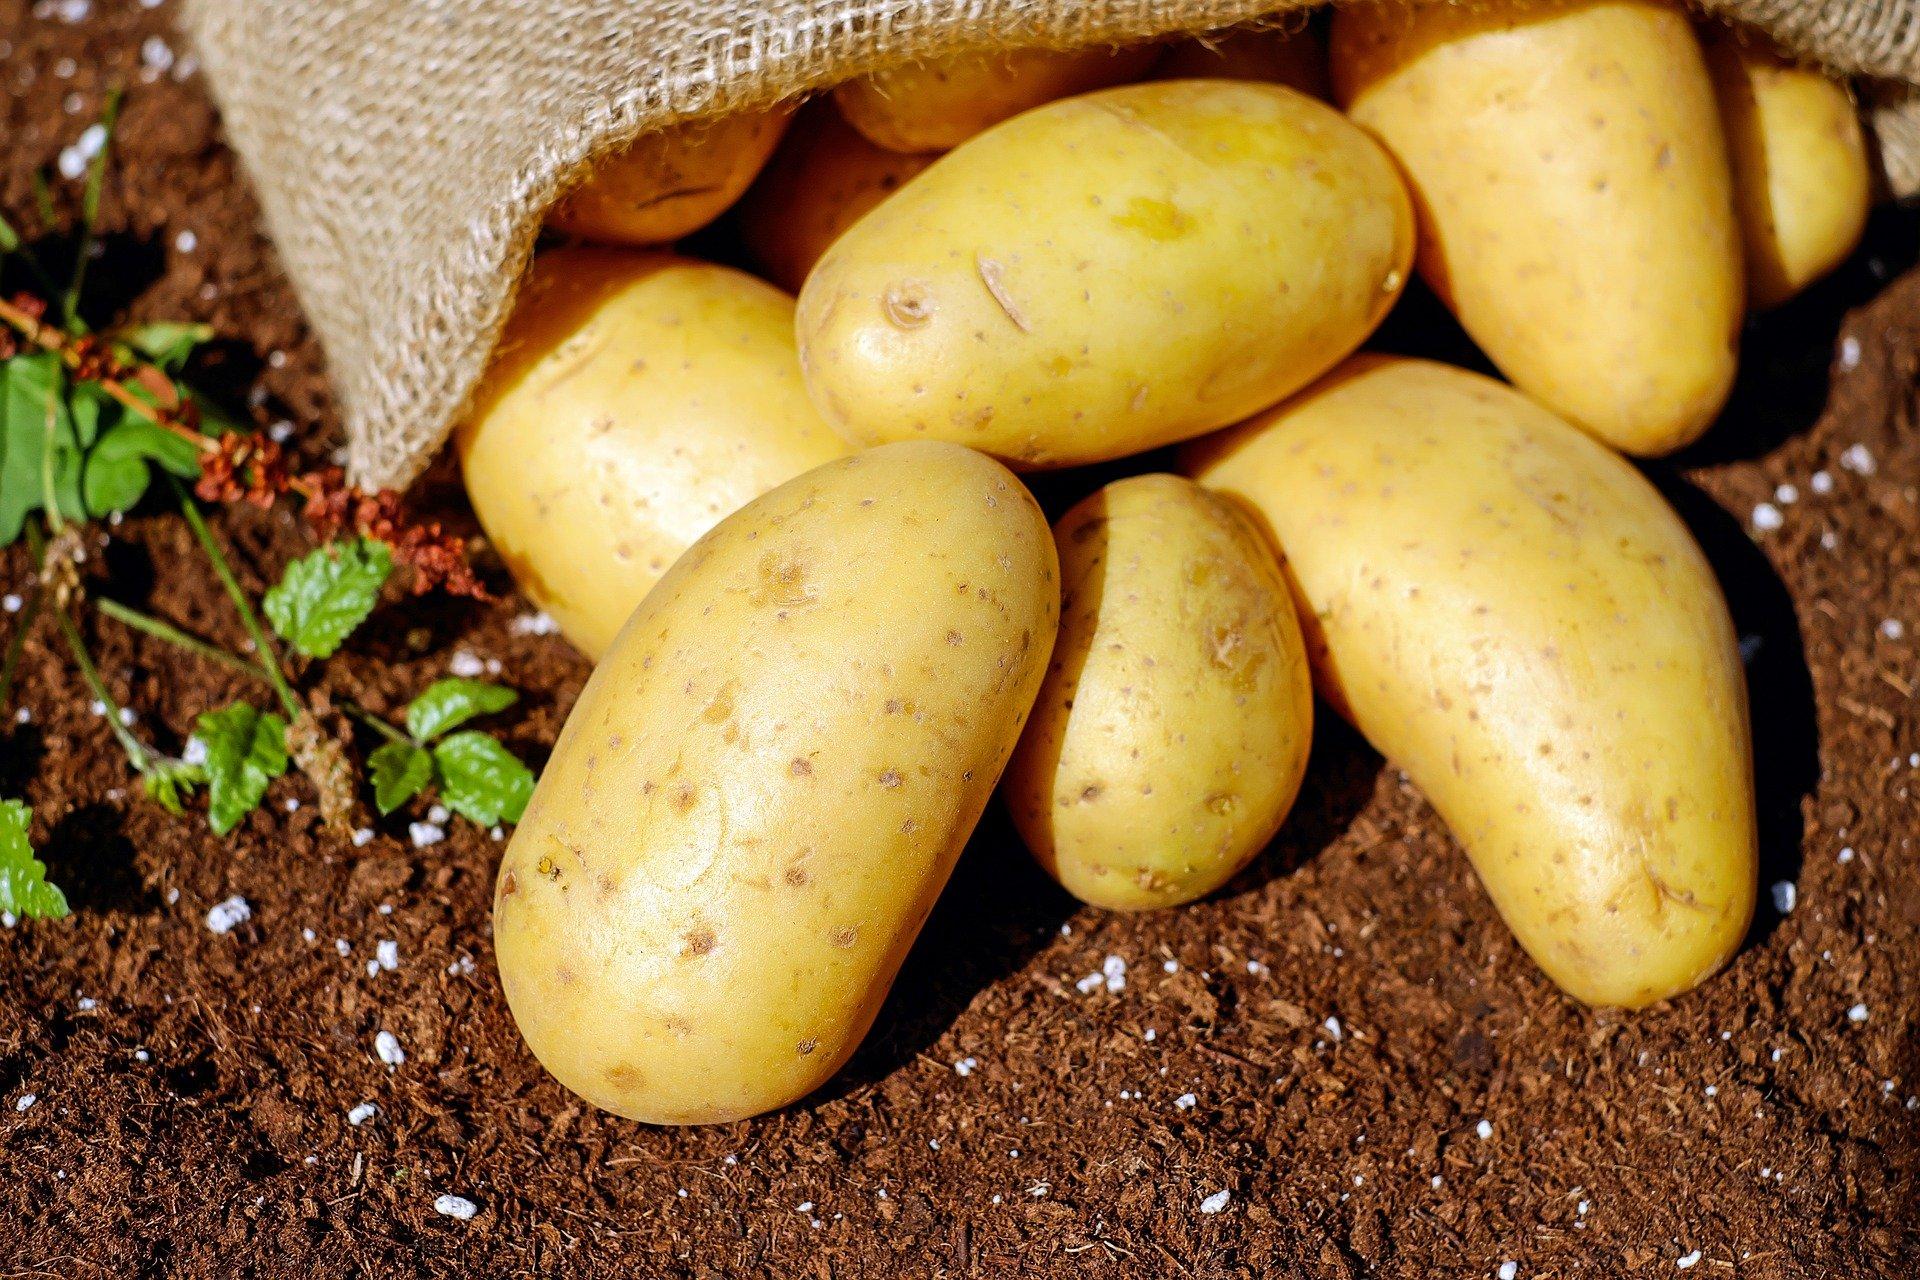 В Минсельхозе Крыма рассказали, сколько будет стоить картофель